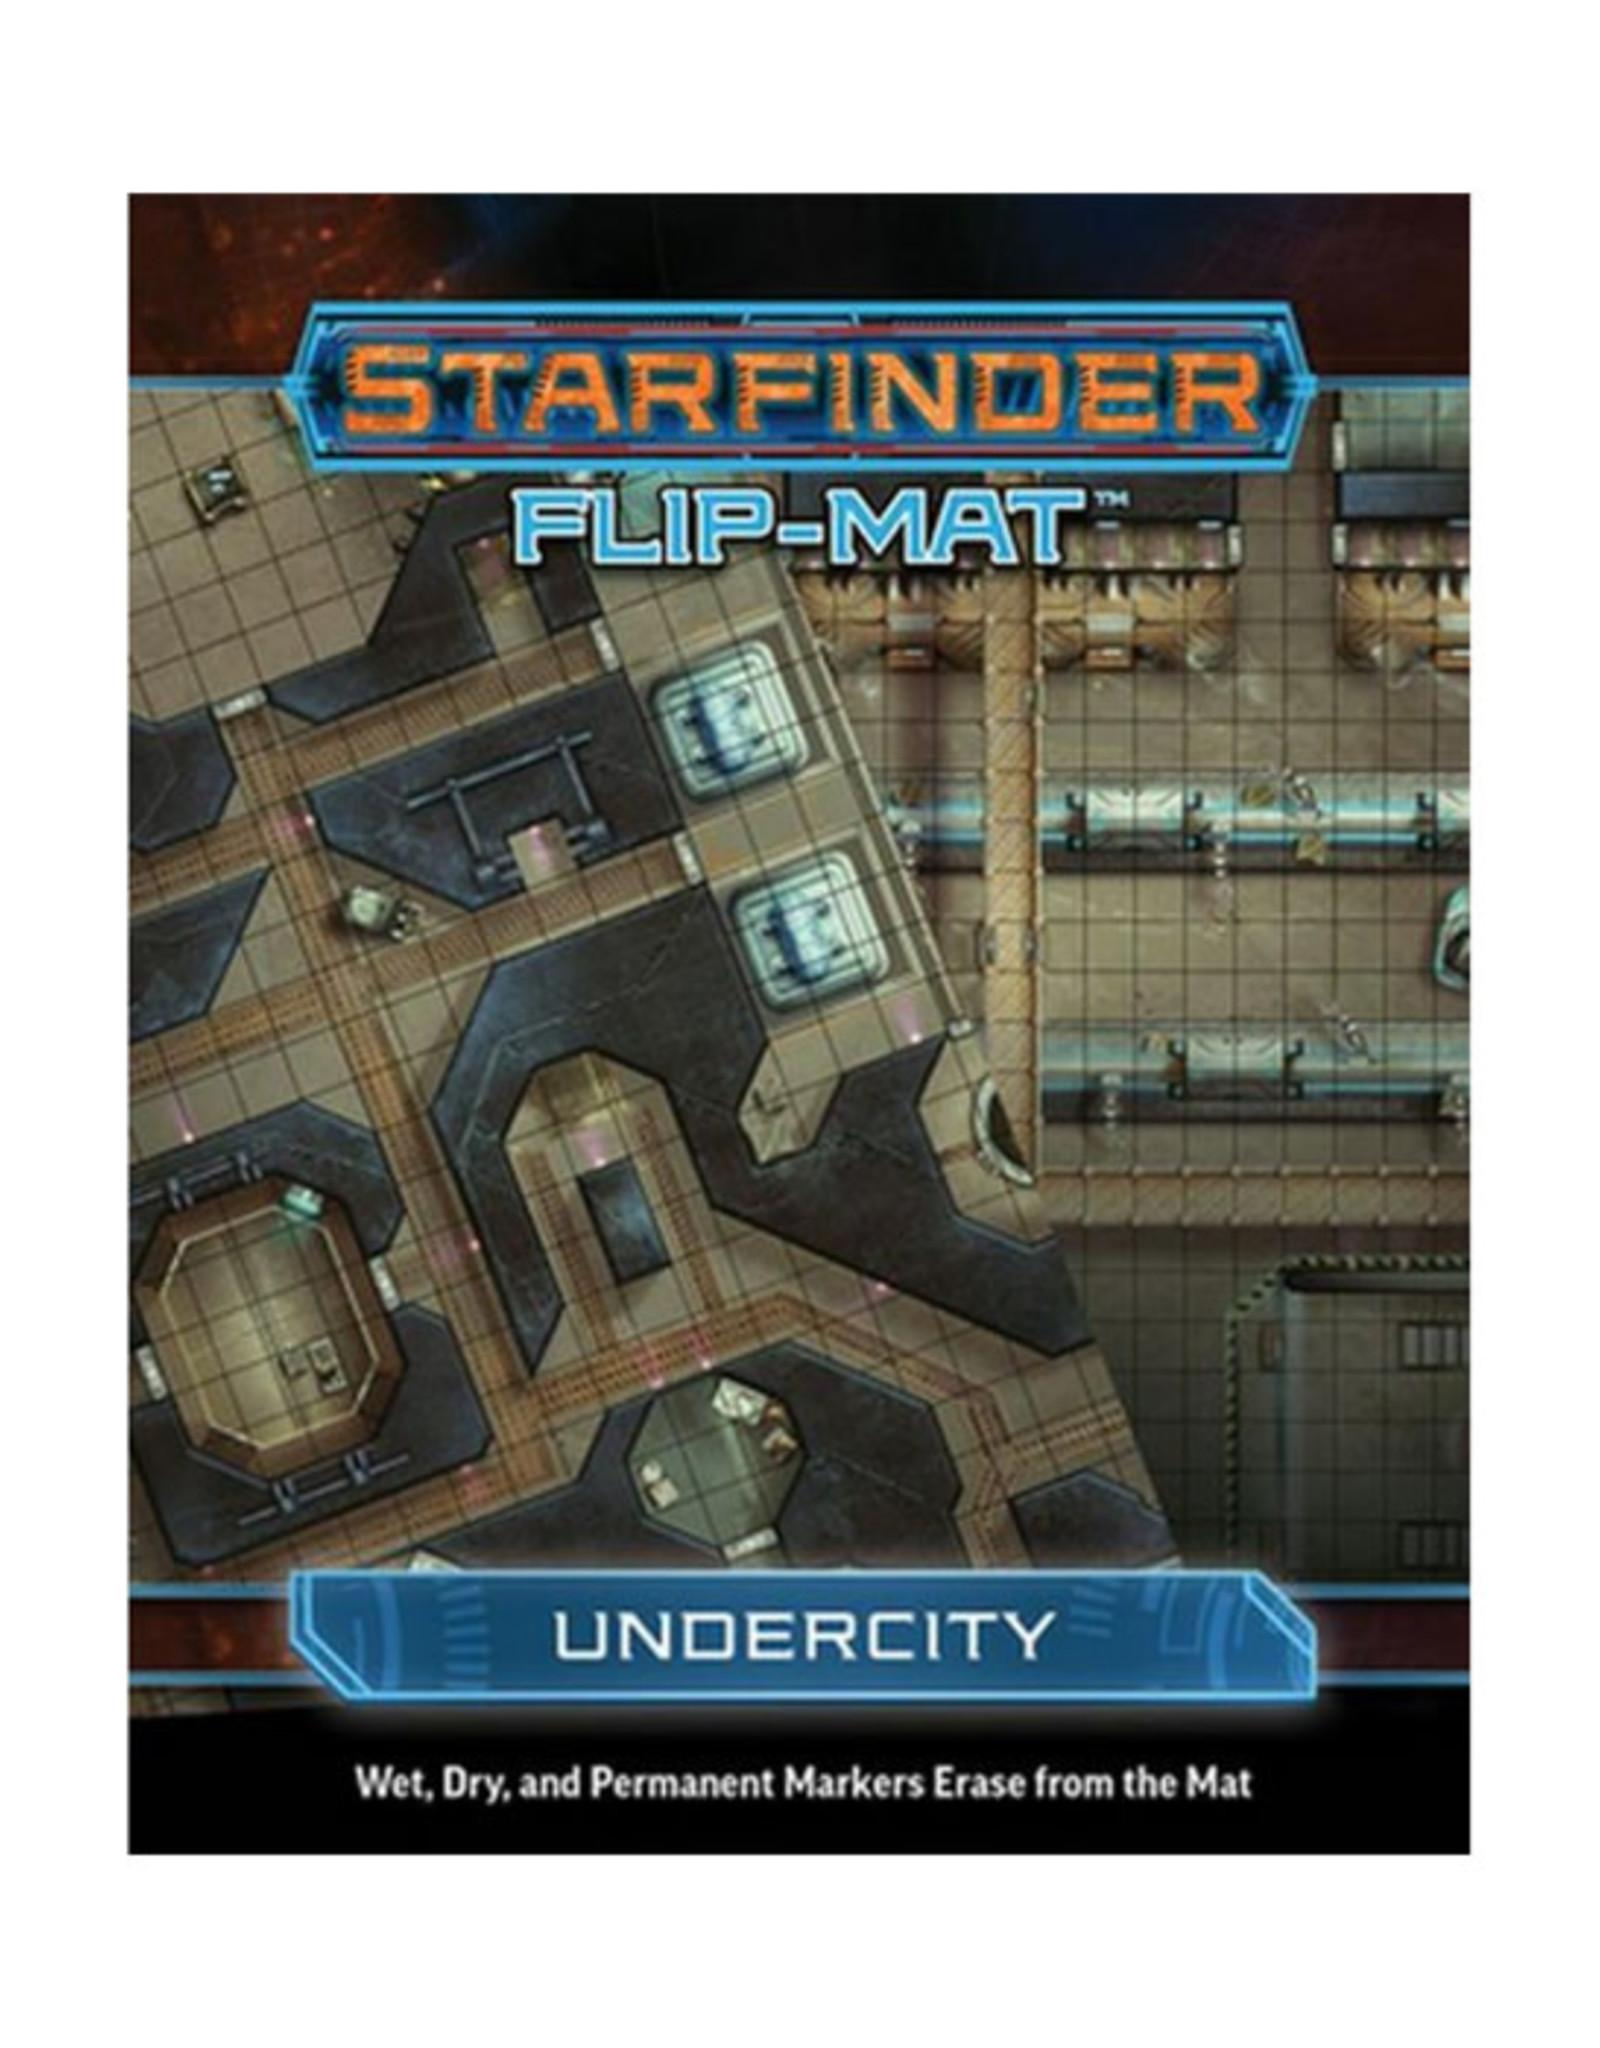 Starfinder Starfinder: Flip-Mat - Undercity